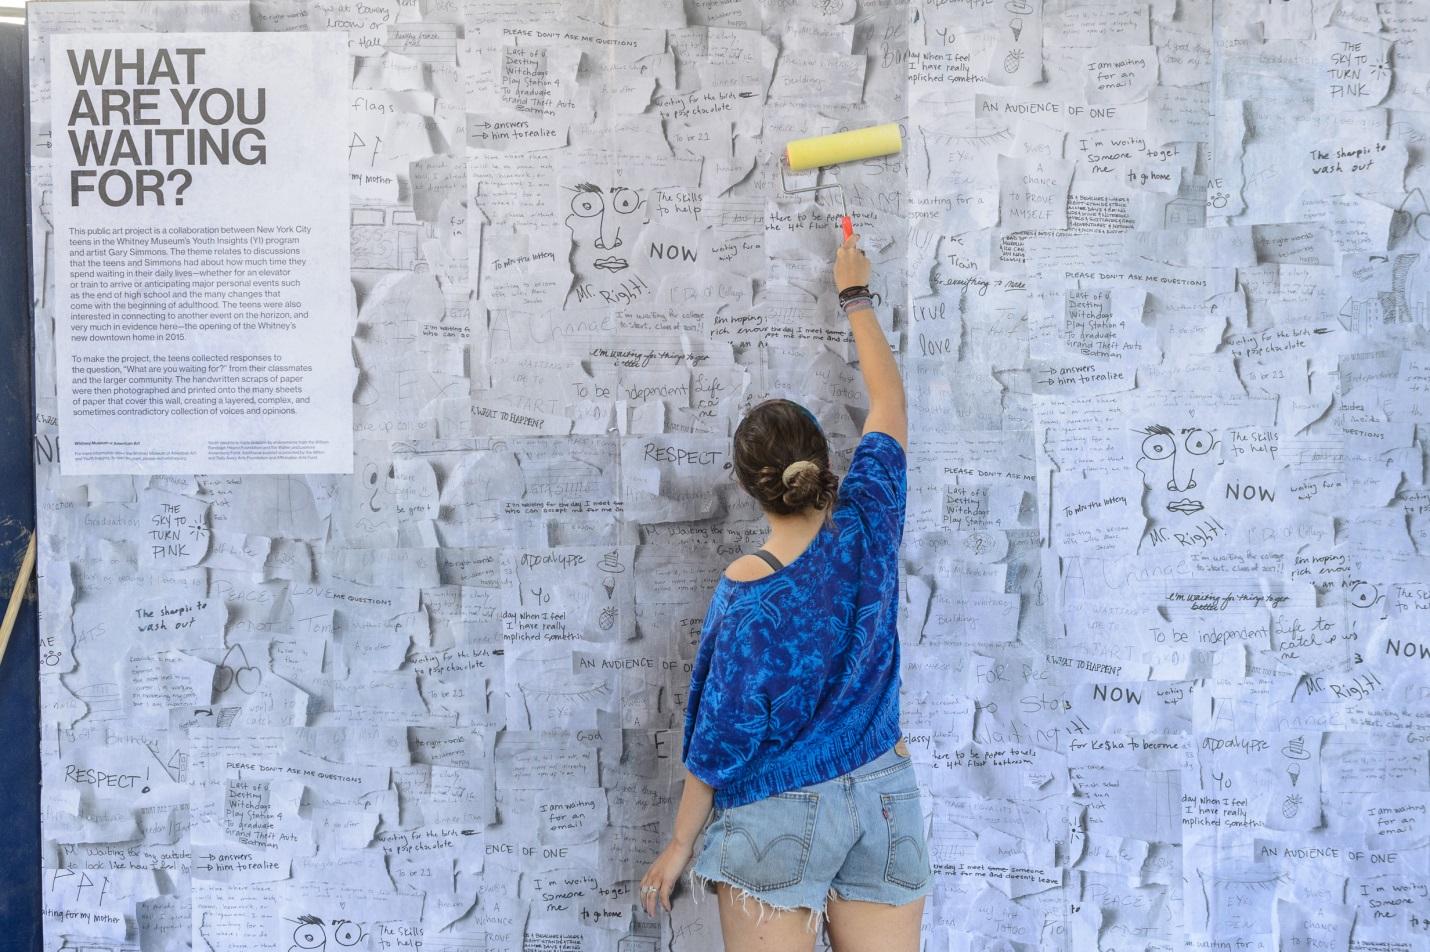 A teen putting up an outdoor poster